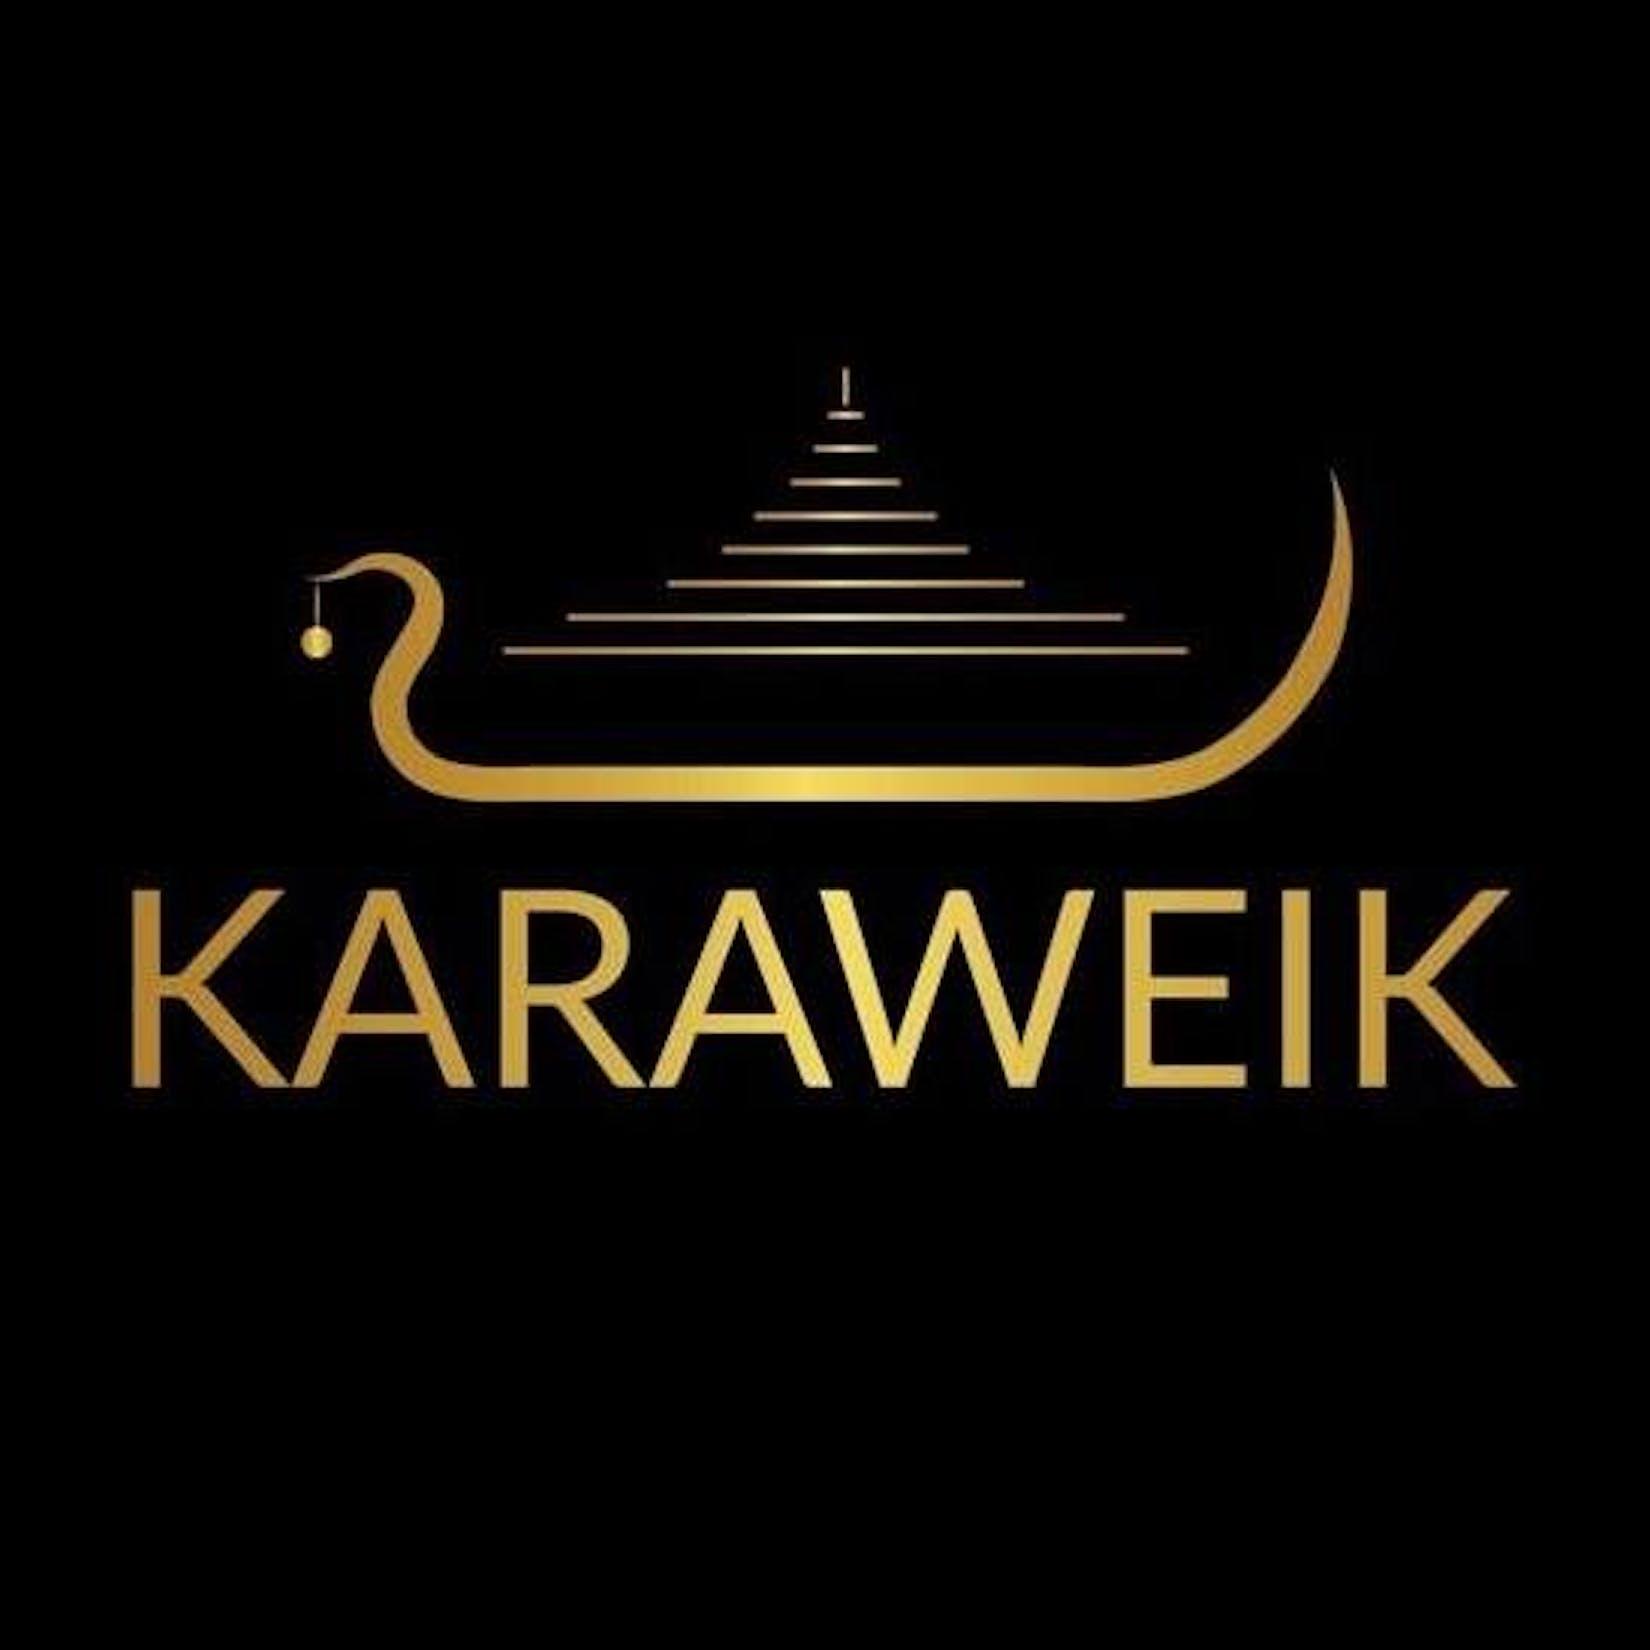 Karaweik | yathar